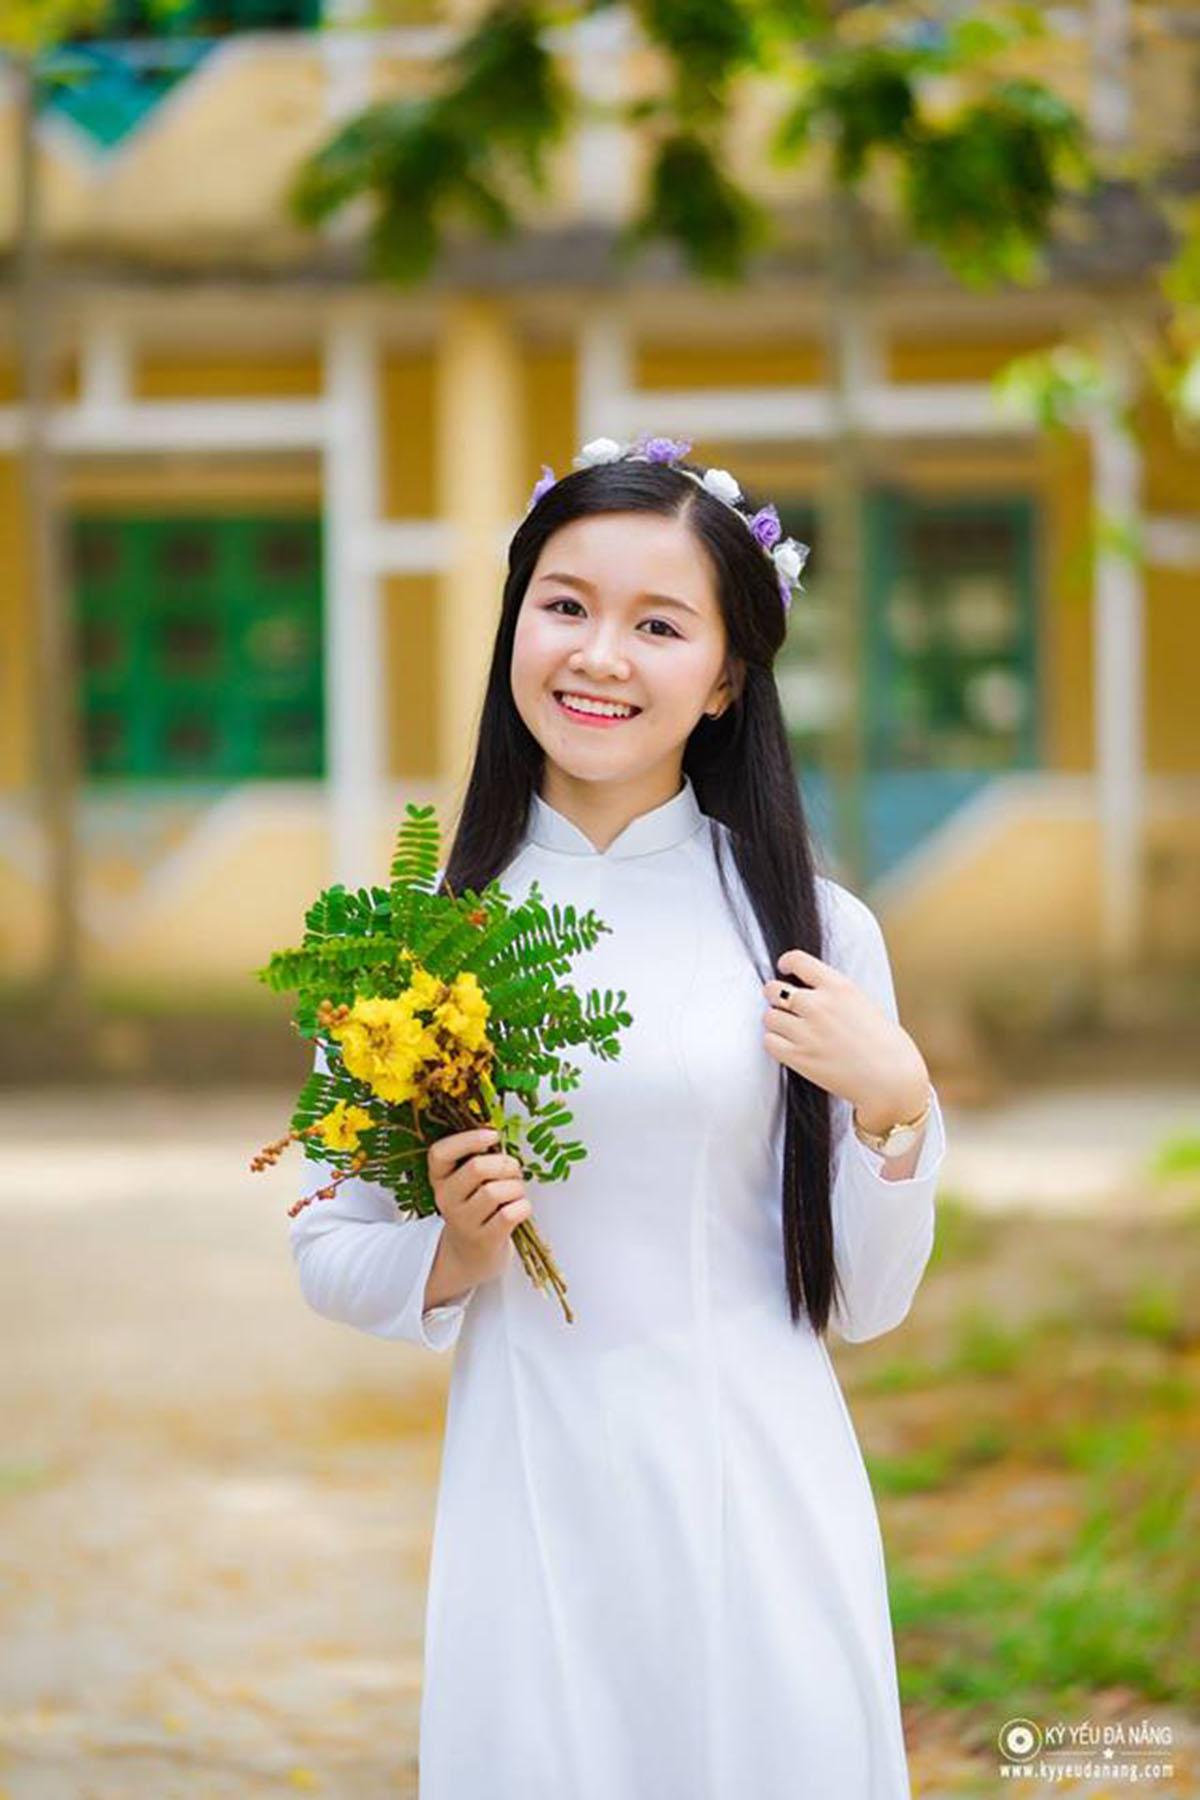 Kiểu Oanh là thí sinh gây ấn tượng ngay từ vòng sơ loại nhờ sở hữu vẻ đẹp tư nhiên nhưng không kém phần cá tính.